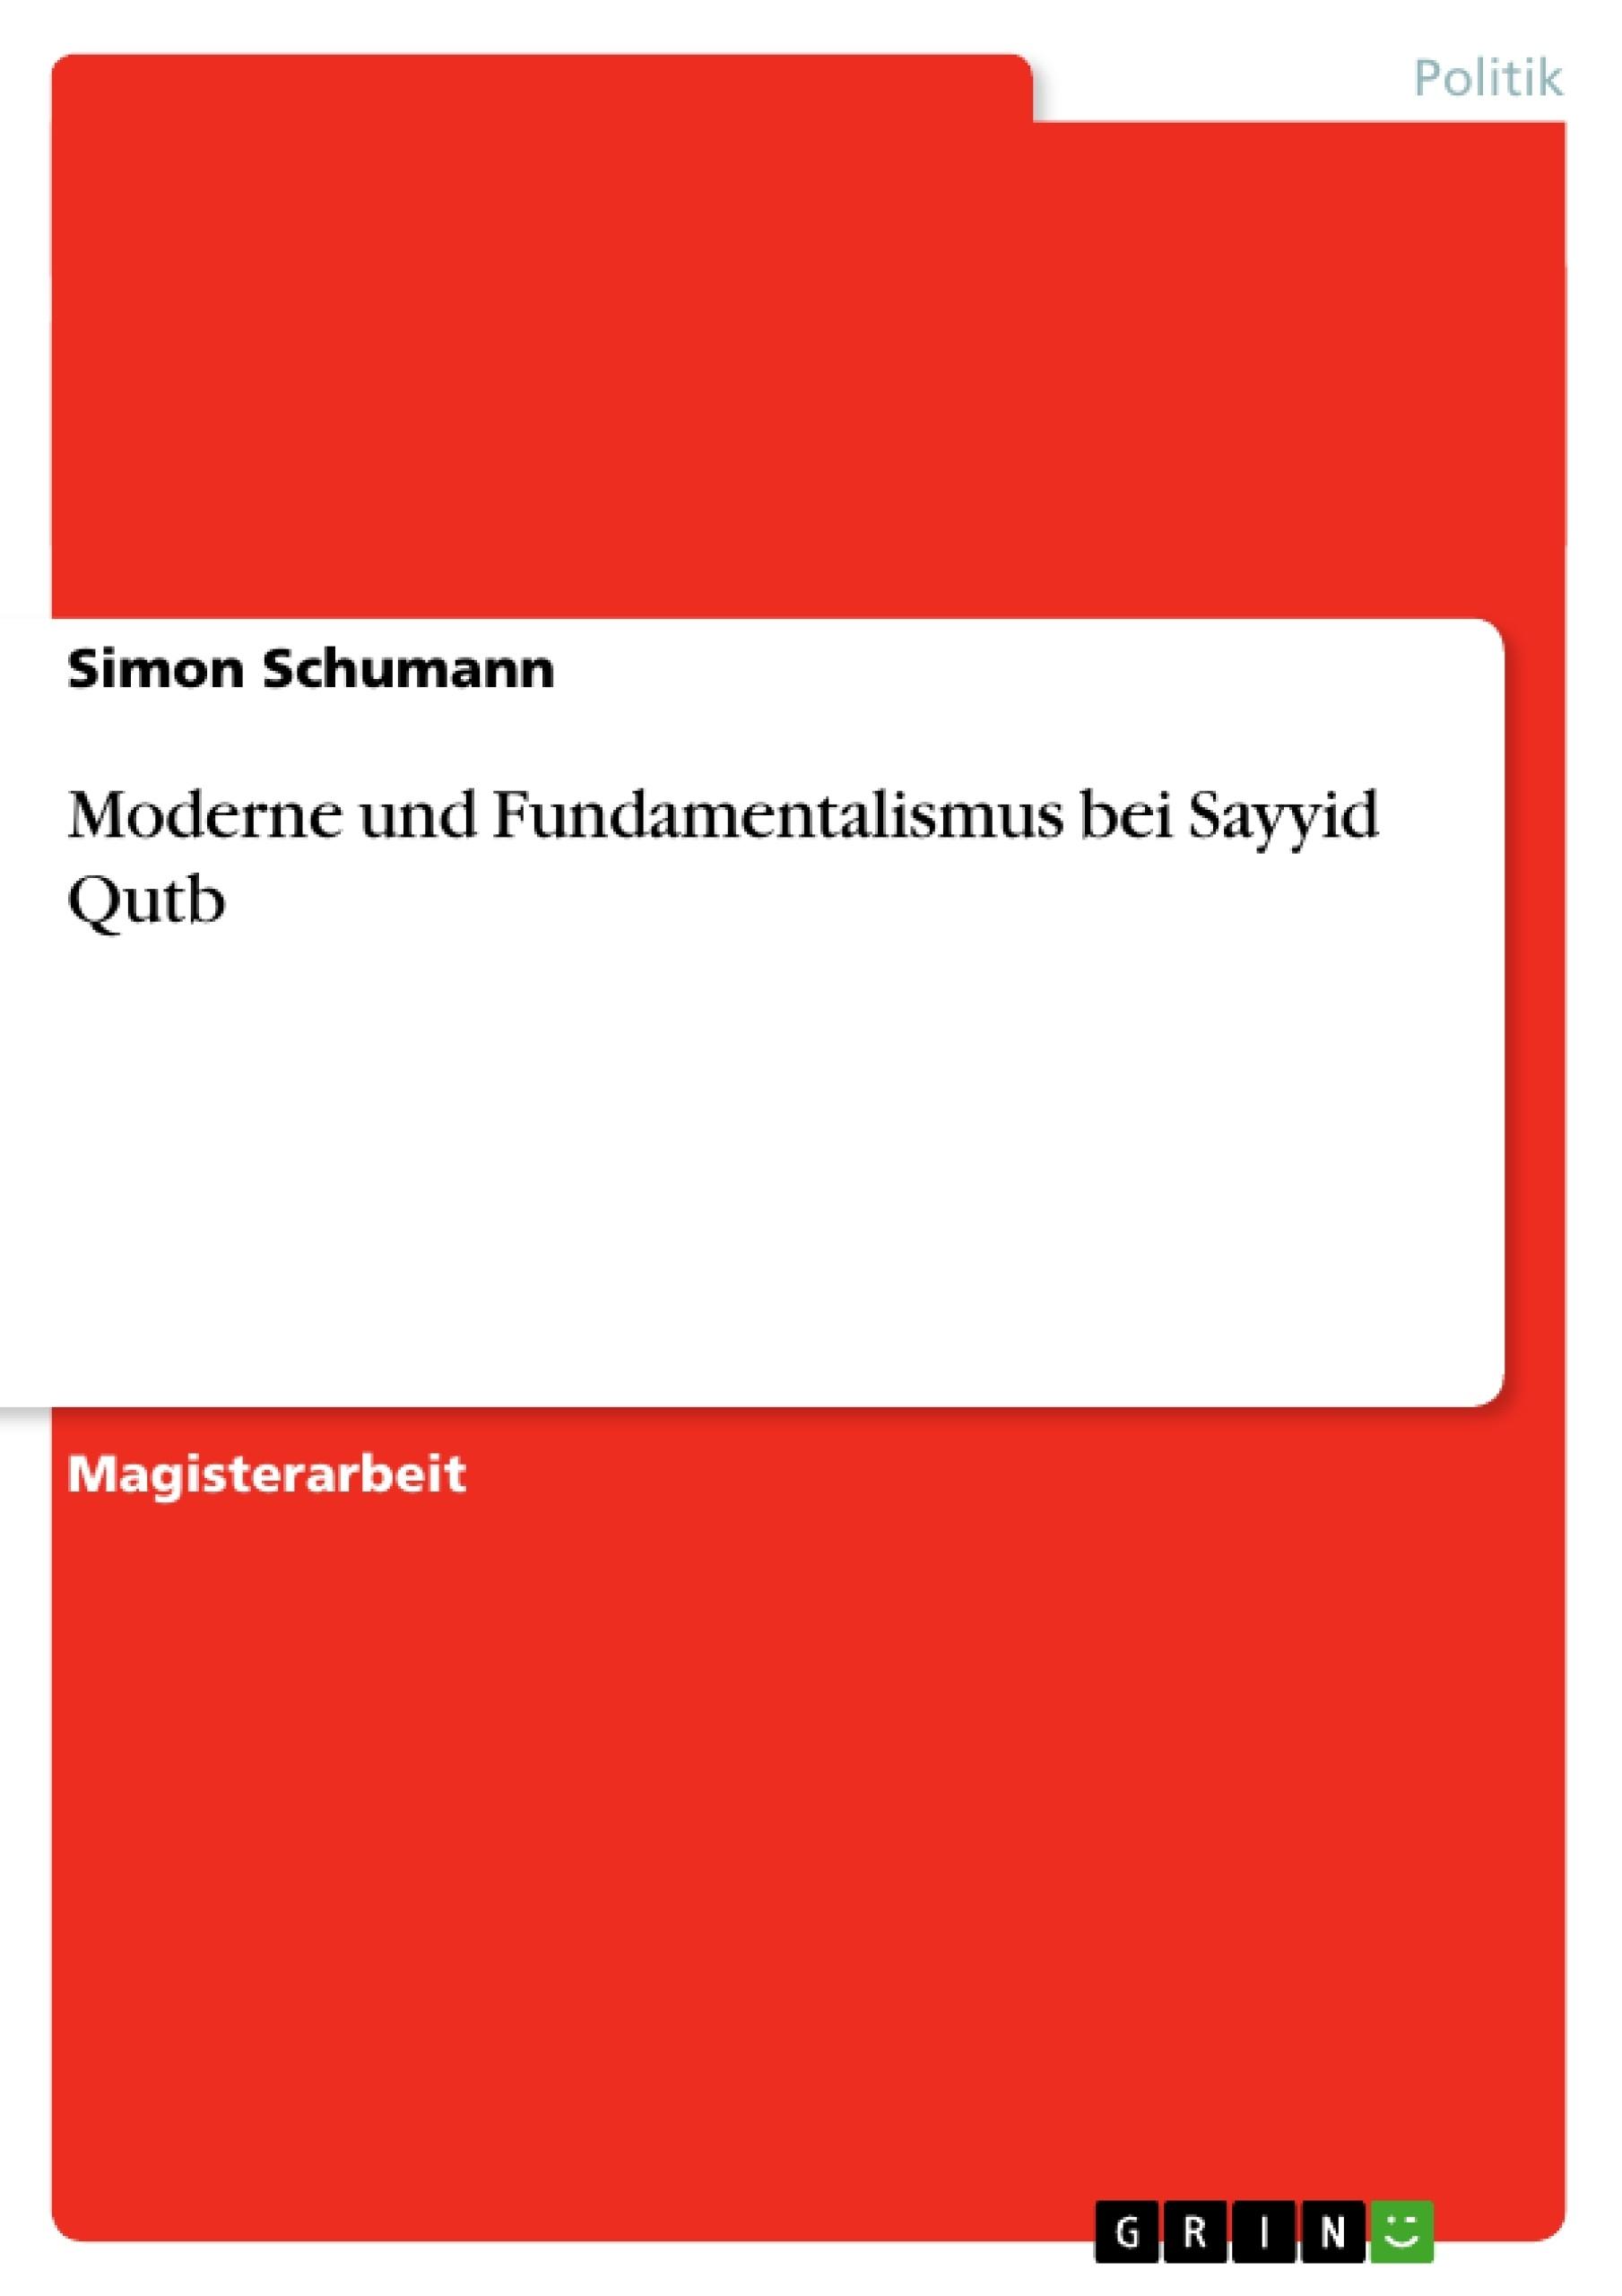 Titel: Moderne und Fundamentalismus bei Sayyid Qutb